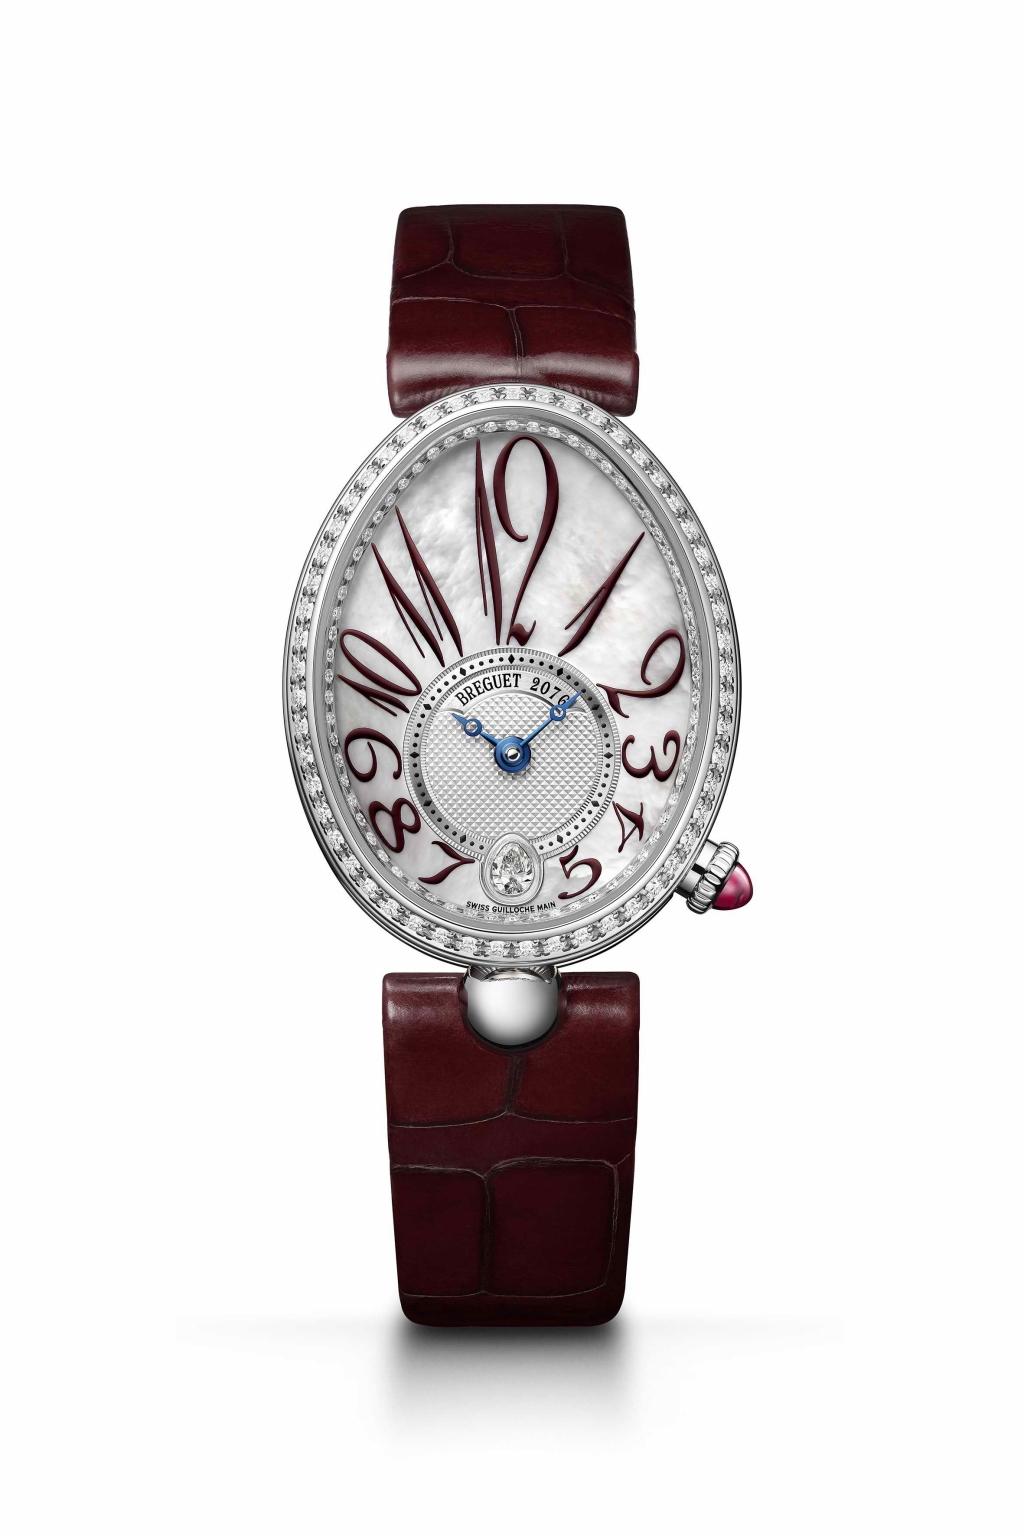 寶璣reine De Naples 8918腕錶,價值 Nt $ 1,163,000